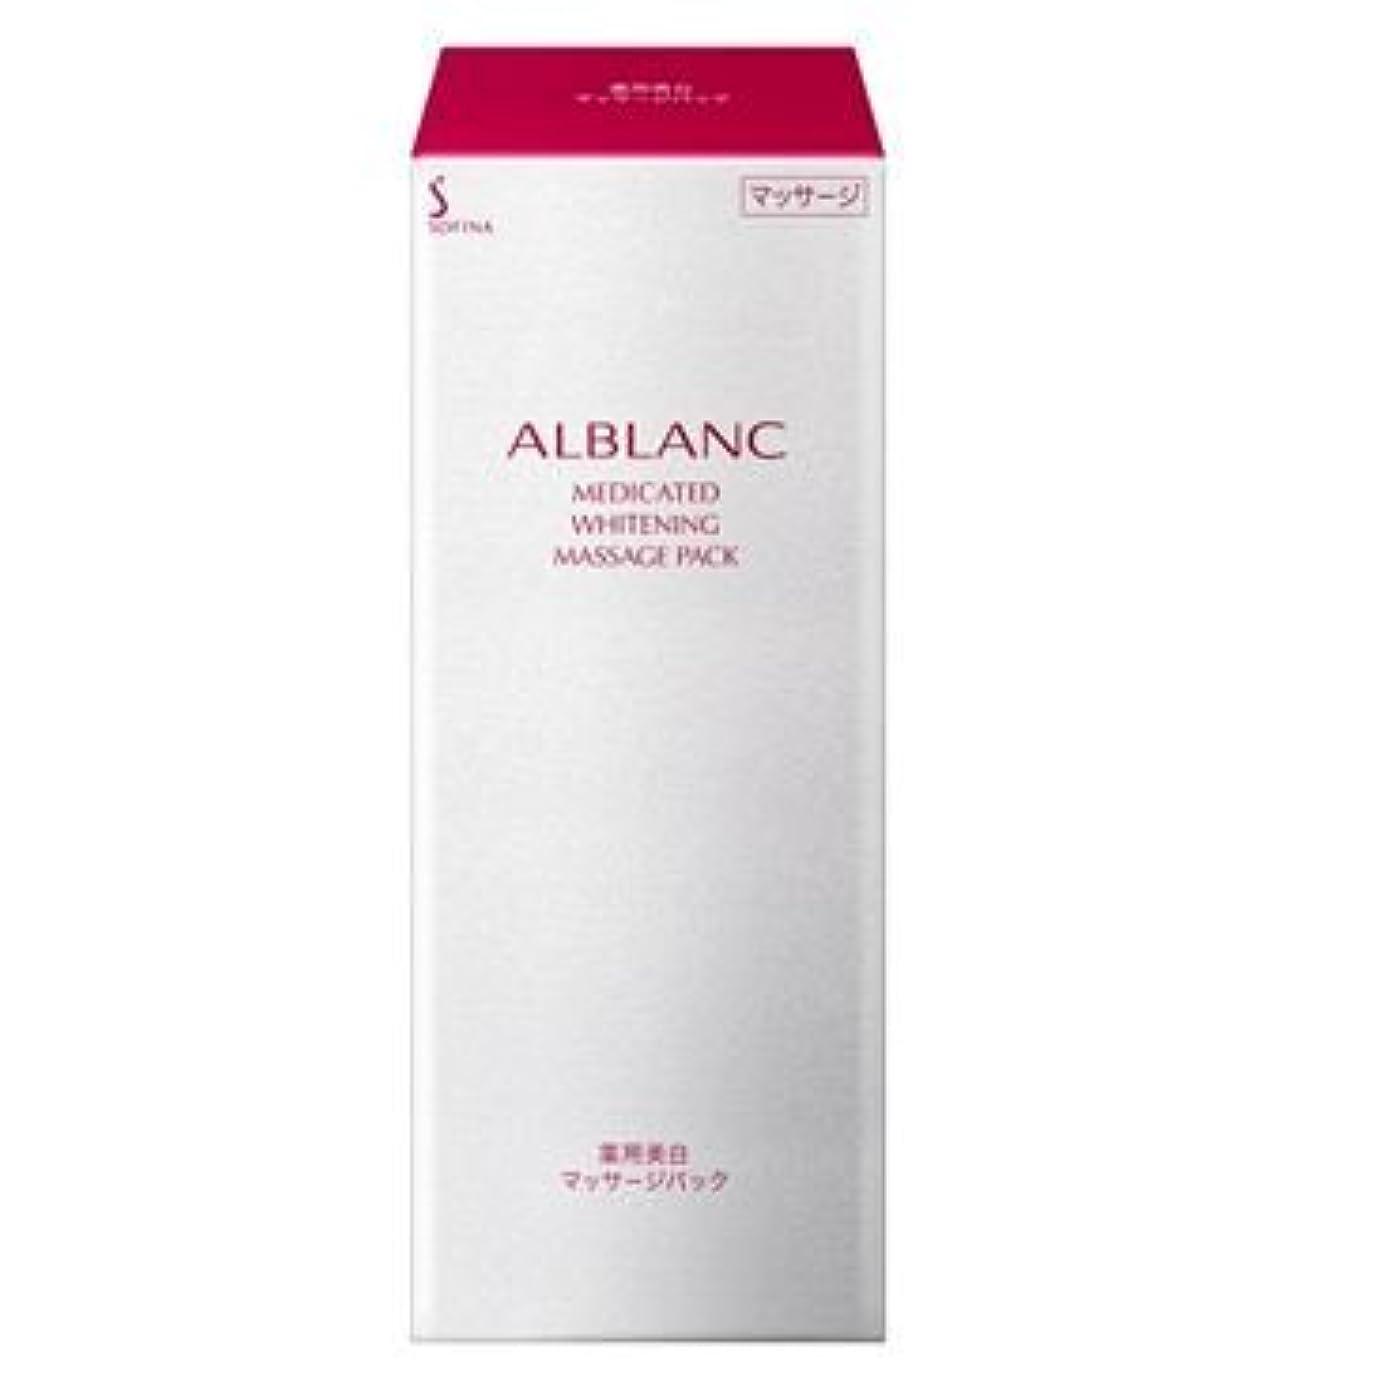 要件囲まれた指導するアルブラン 薬用美白マッサージパック 125g